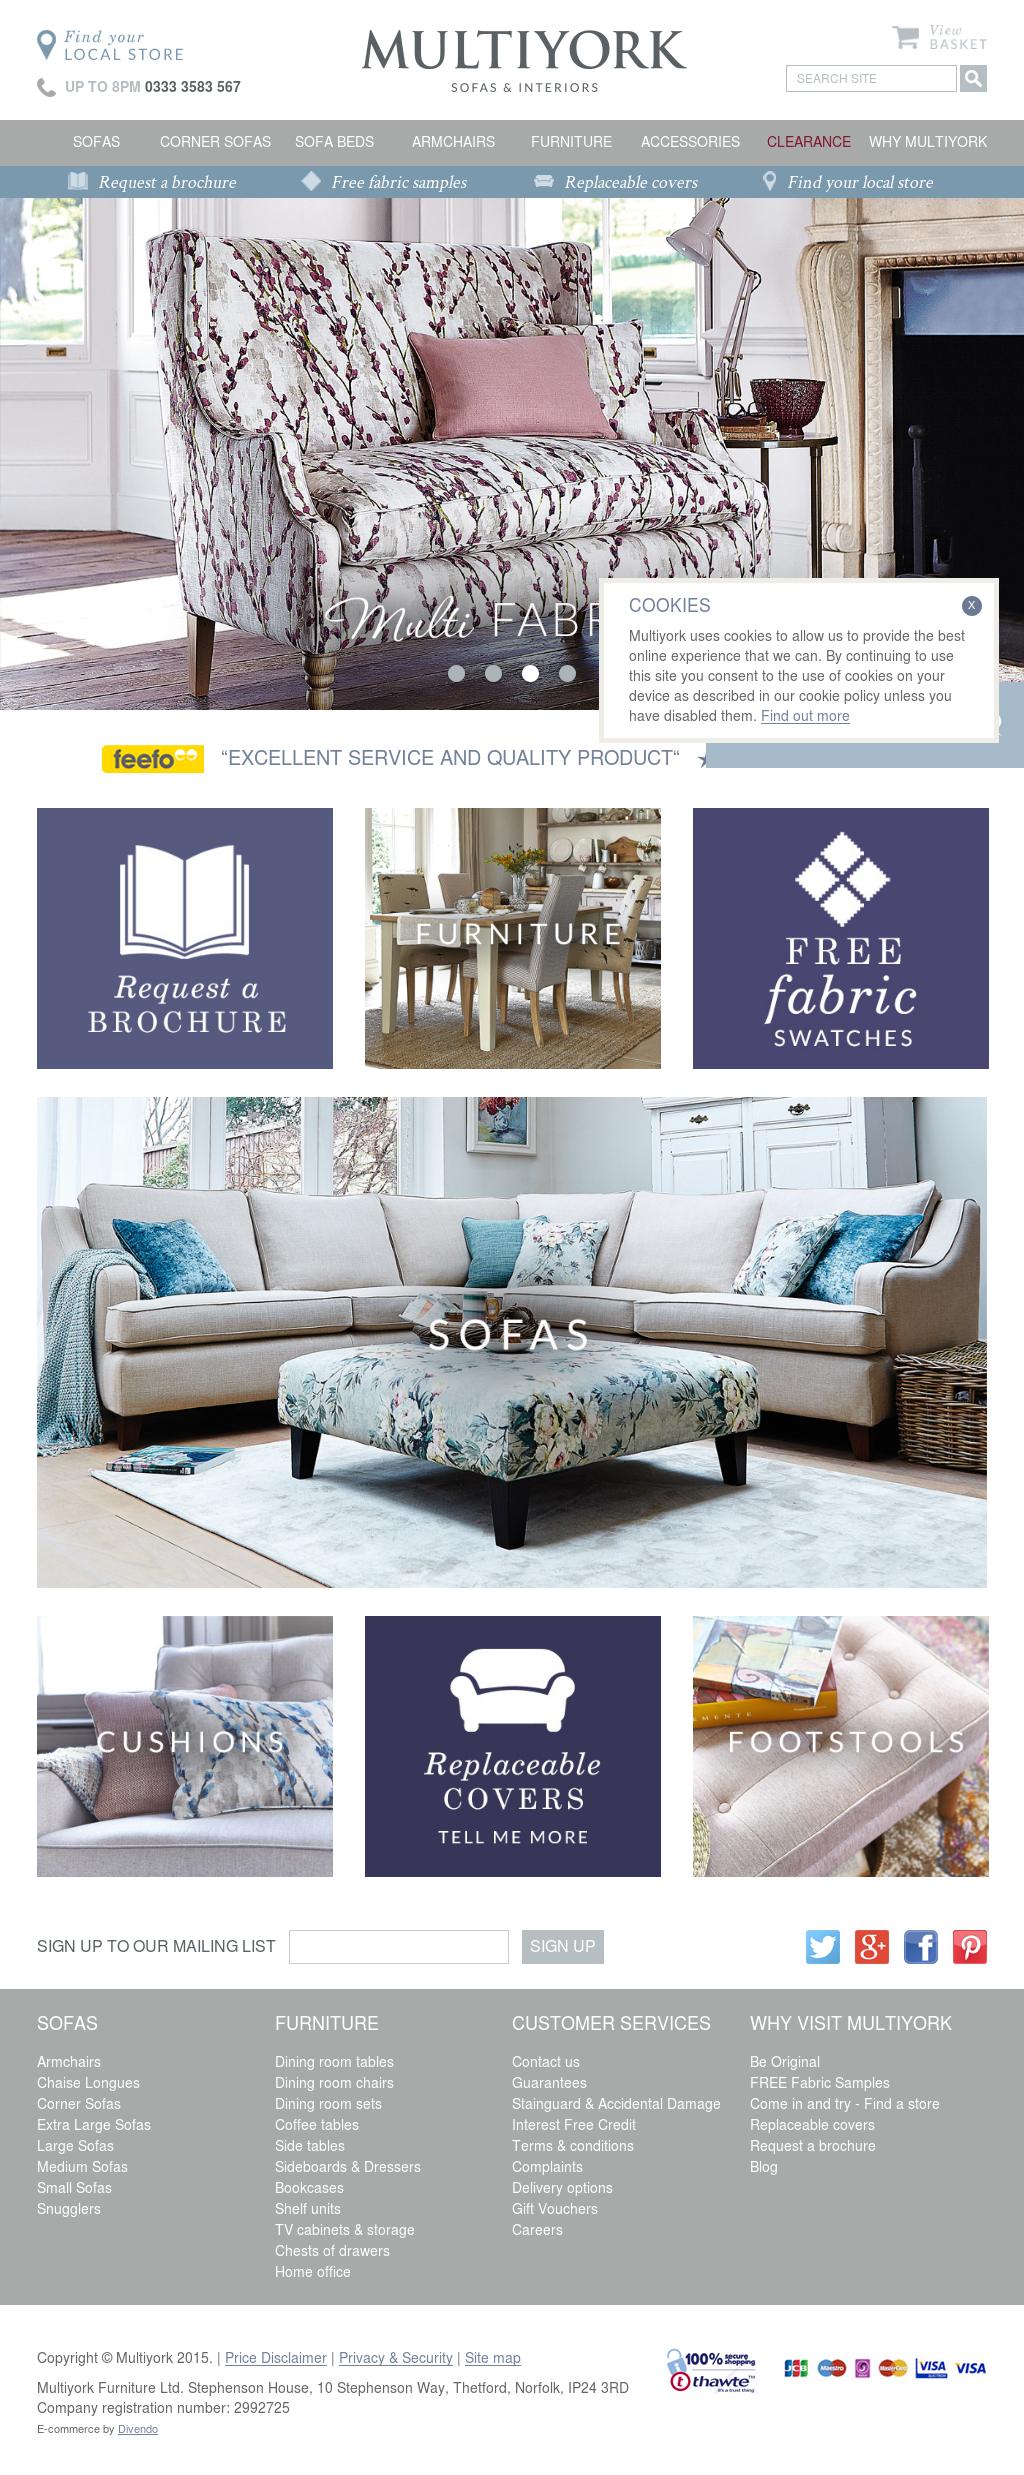 Multiyork Furniture Ltd - The Best Furniture 2017